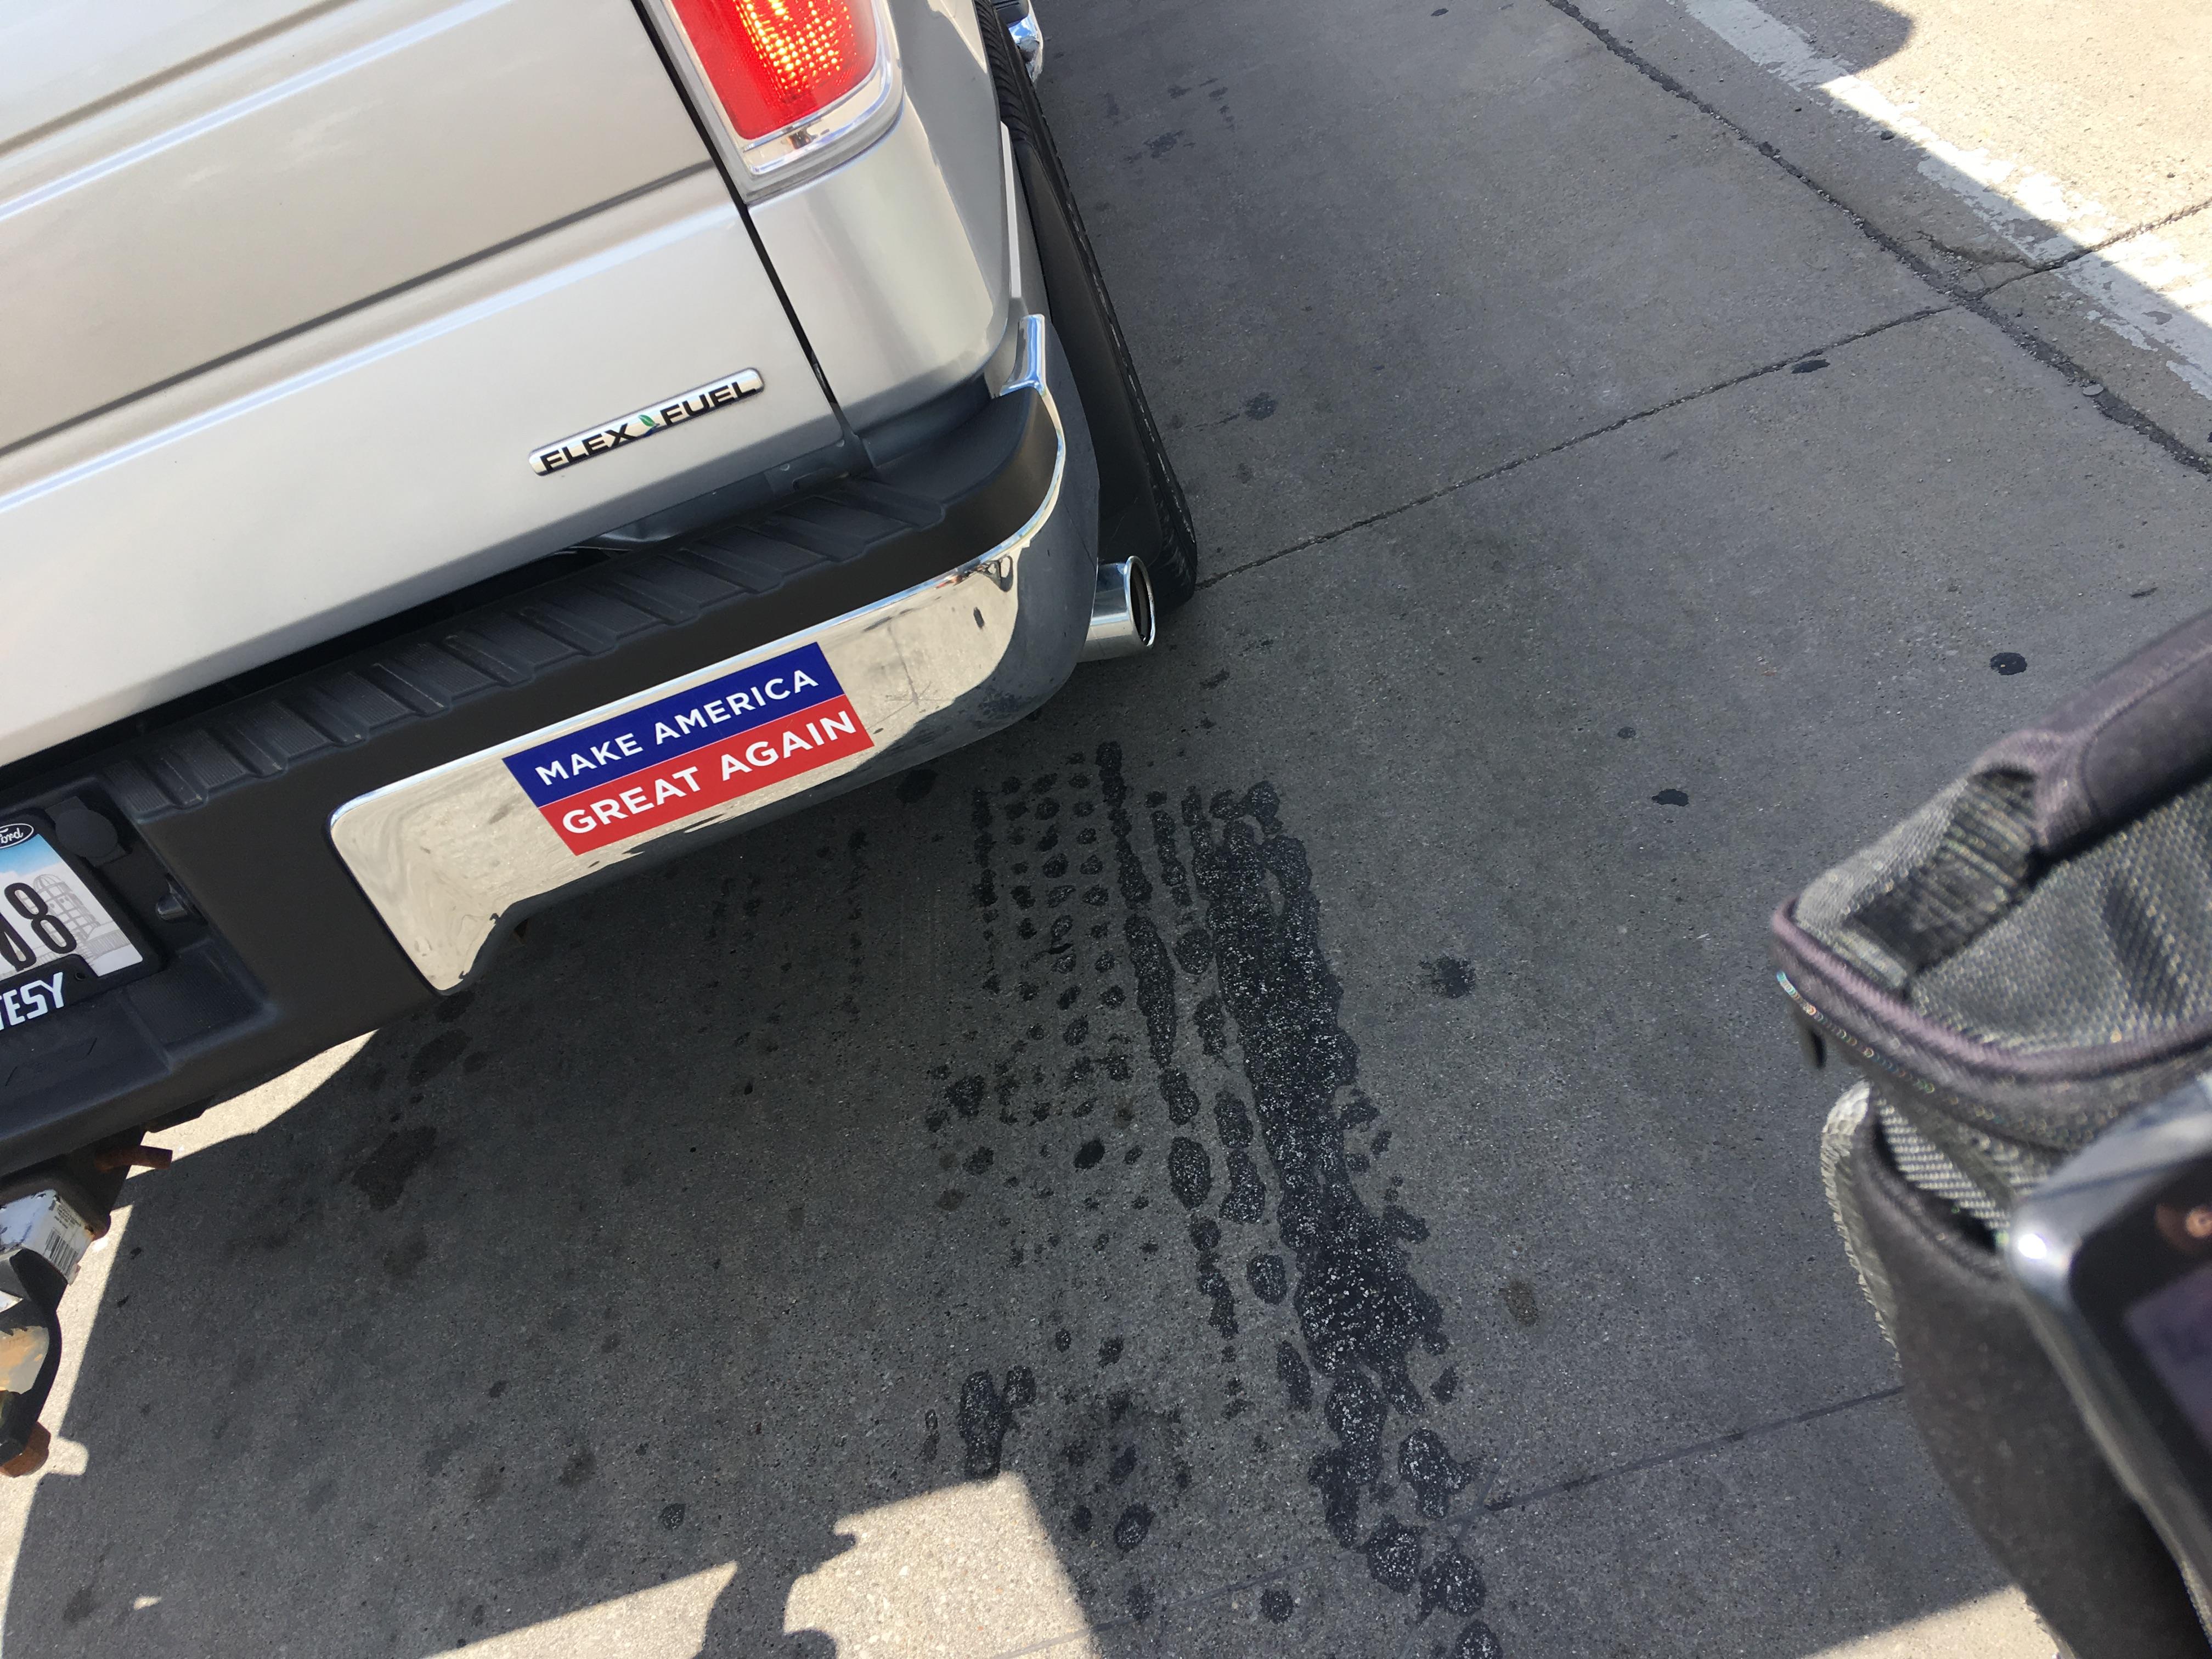 Oooohhh A Trump Supporter!